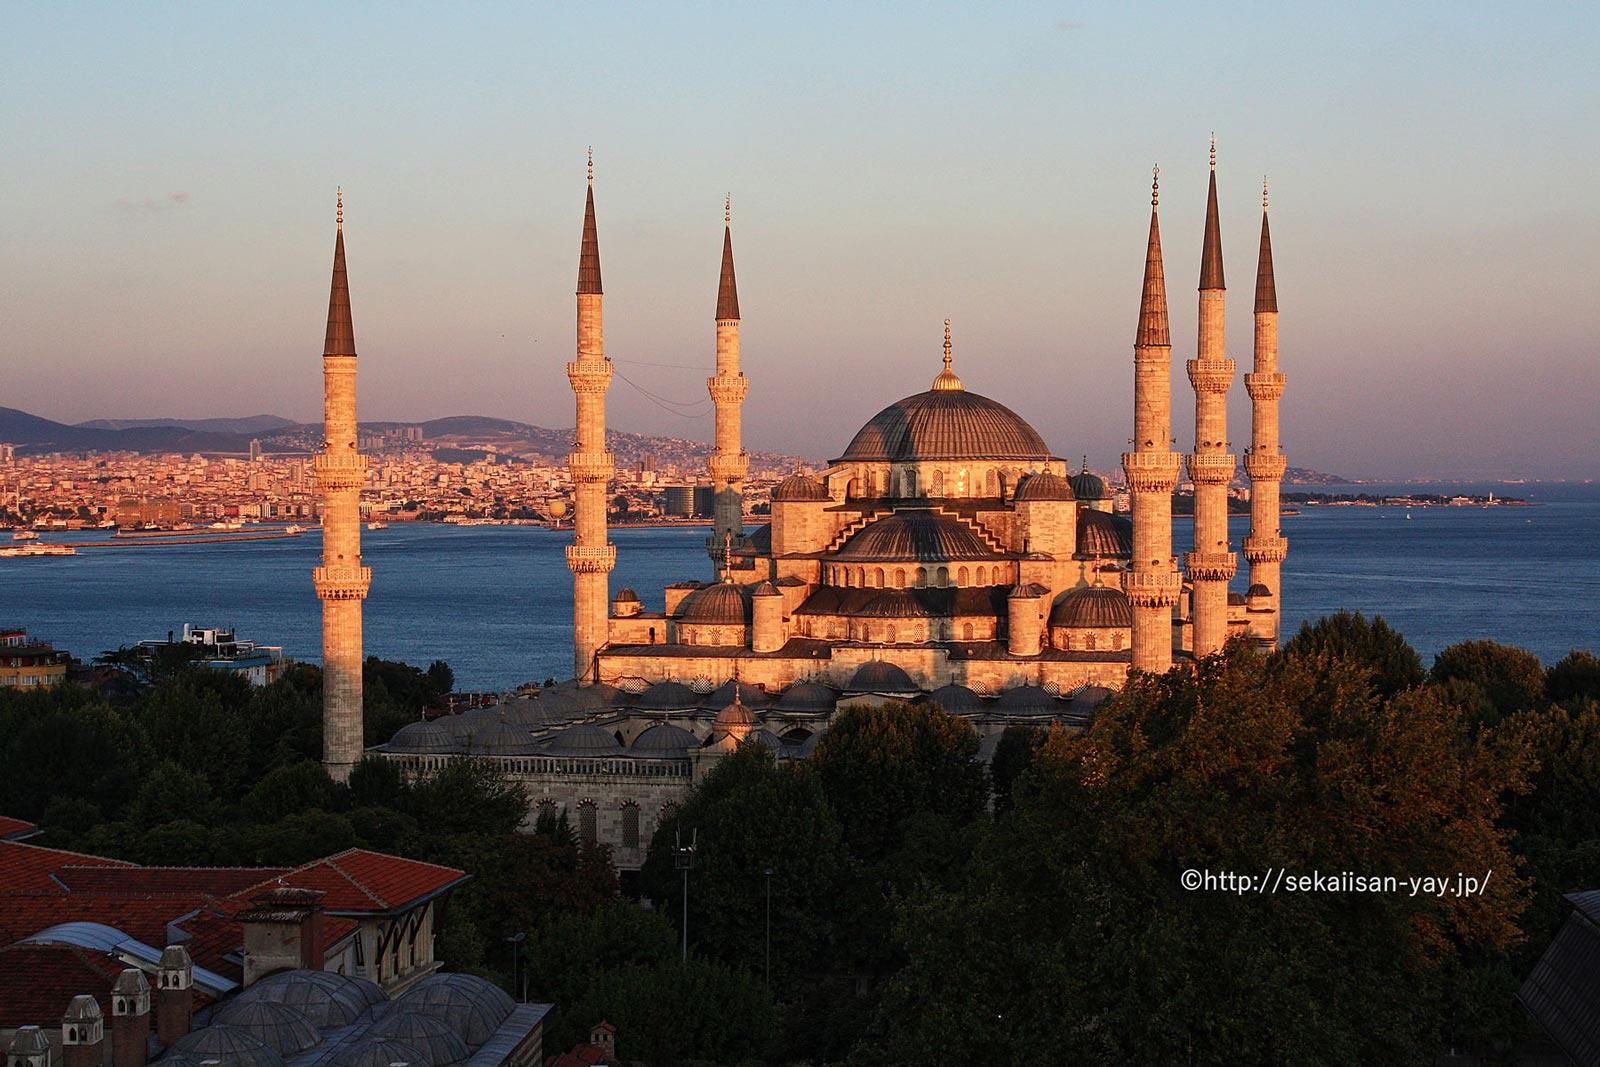 トルコ「イスタンブール歴史地域」- スルタンアフメット・ジャーミィ(ブルーモスク)